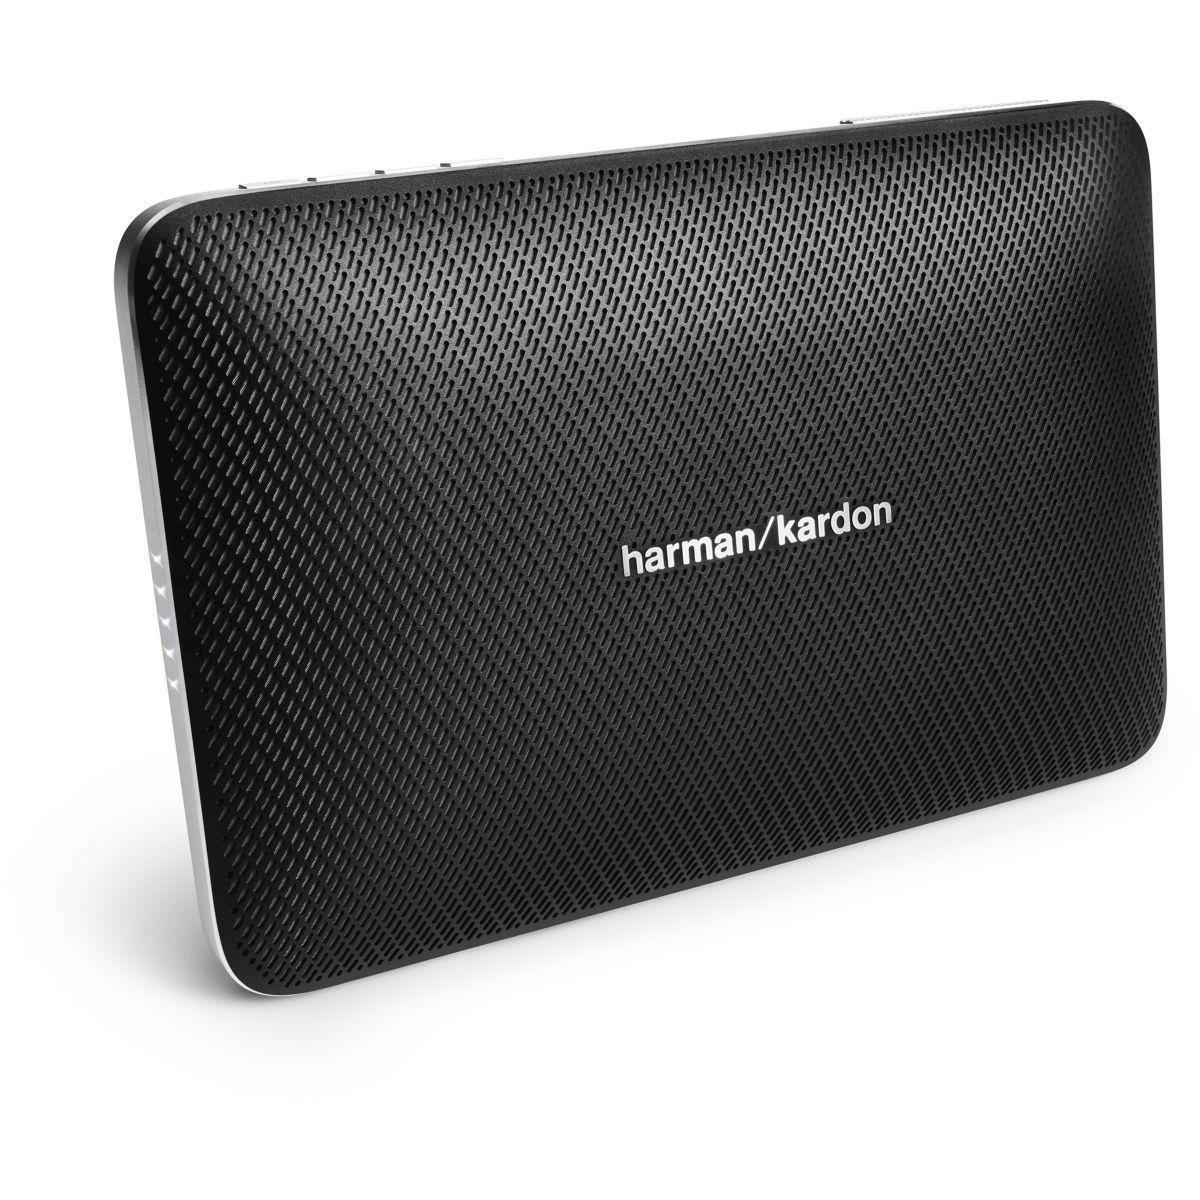 Enceinte bluetooth harman esquire 2 noir - livraison offerte : code livprem (photo)